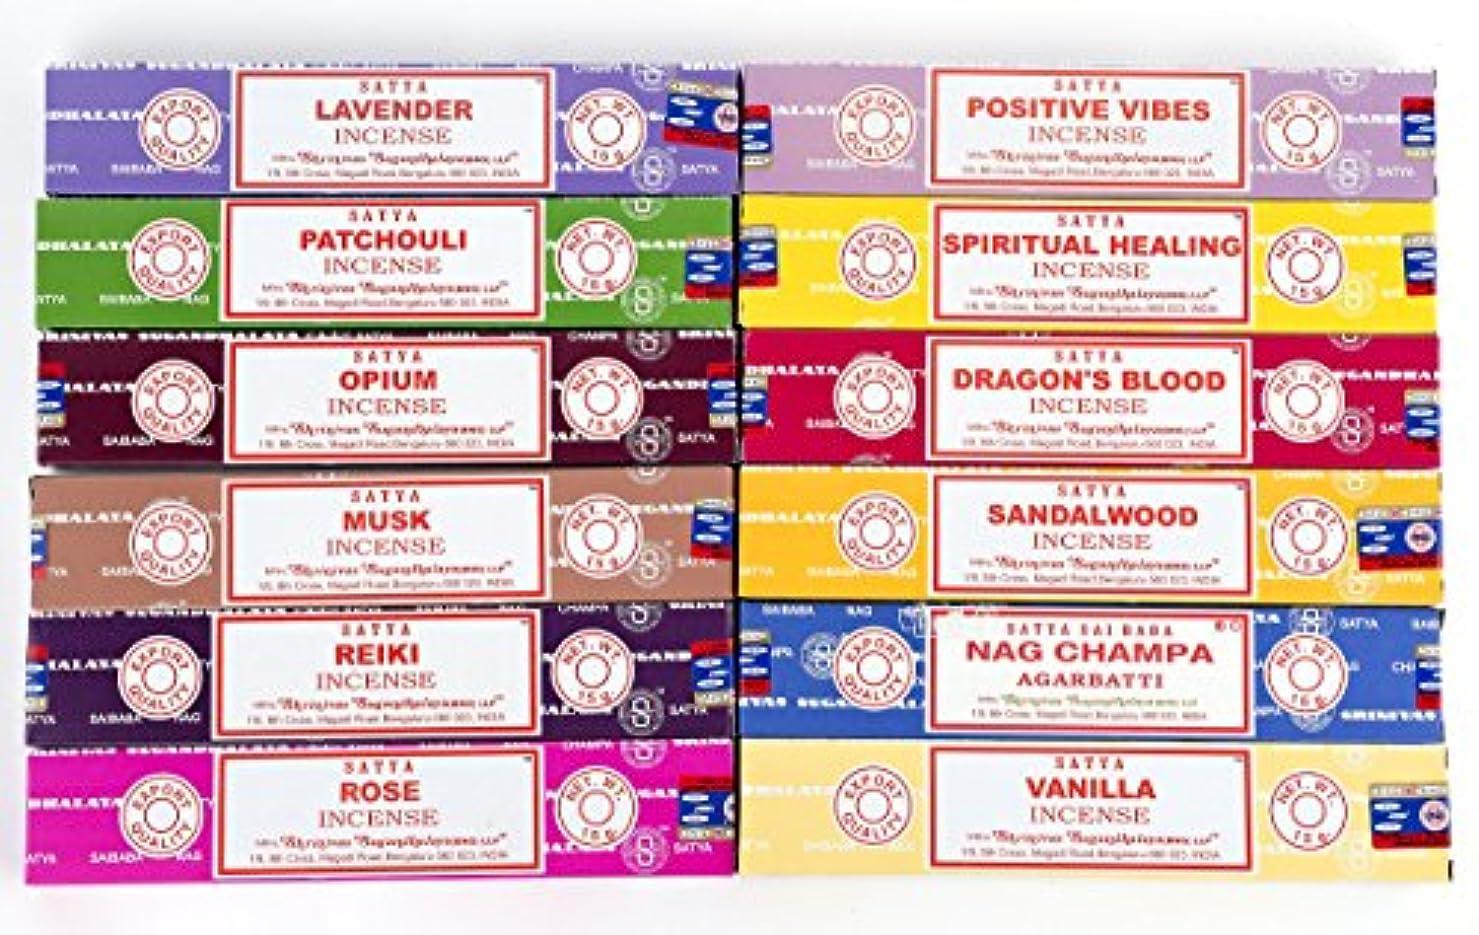 くしゃみ文字適格Nag Champa、ラベンダー、パチュリOpium、ムスク、レイキ、ローズ、Positive Vibes、Spiritual Healing、ドラゴンブラッド、サンダルウッド、バニラ